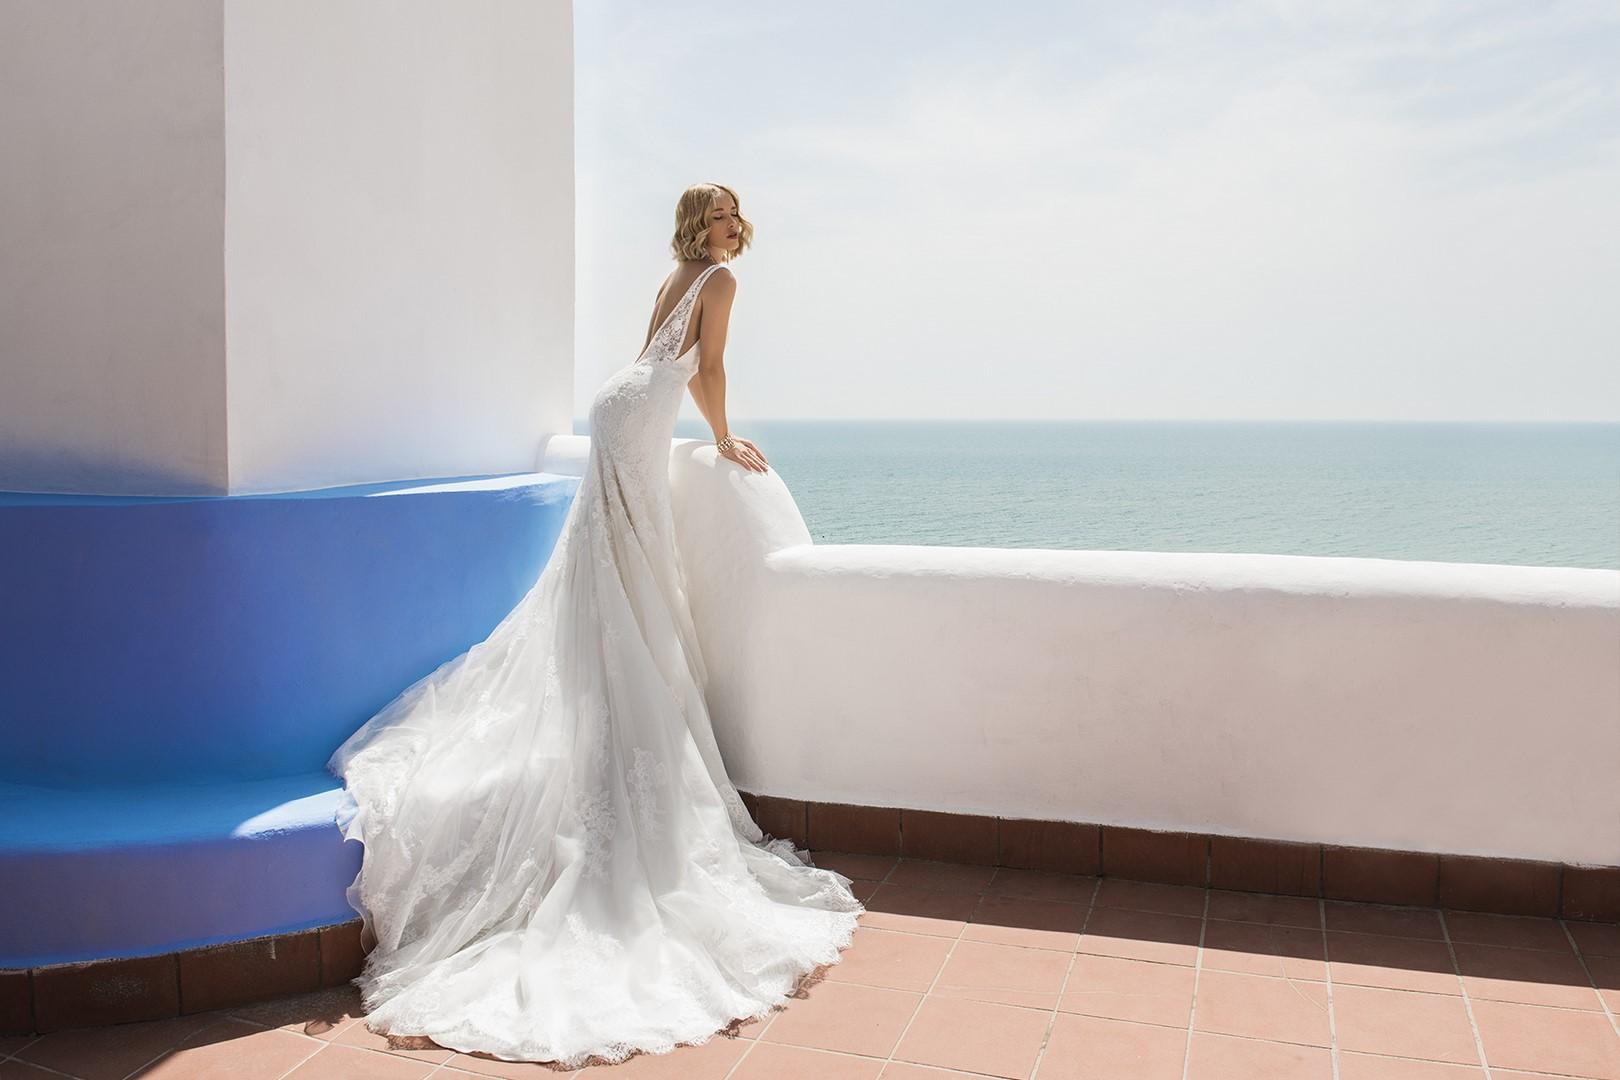 Vicky-Jillian Elianto-0632-WEB Jillian Abiti da sposa Collezione 2020.jpg